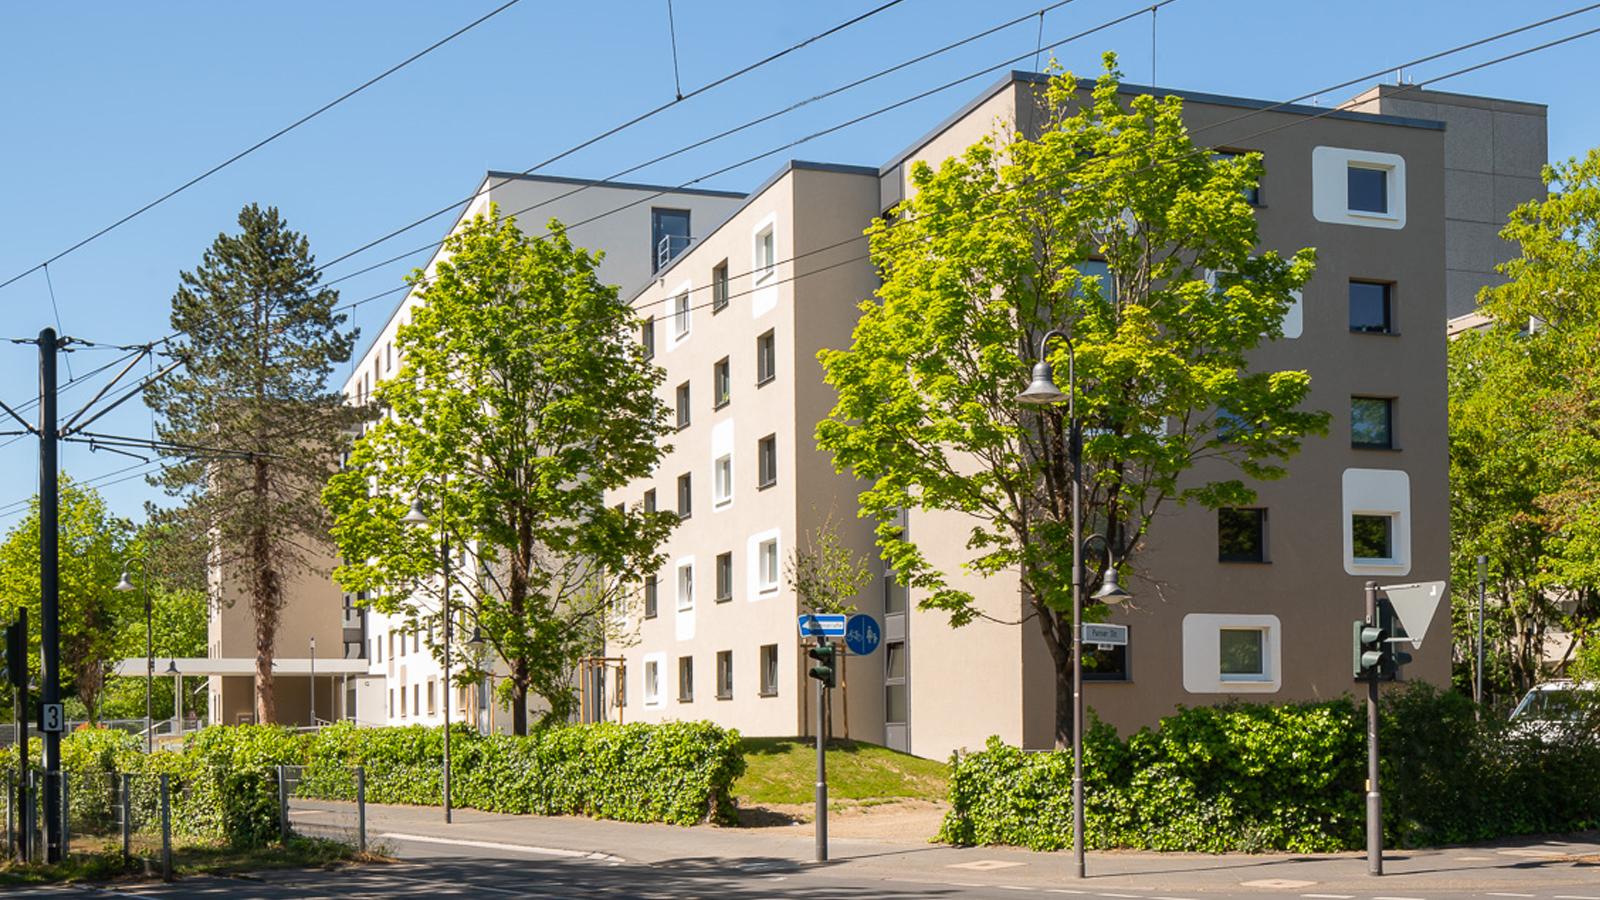 Architekt Bonn Studierendenwohnheim Pariser Straße, Architekt Bonn